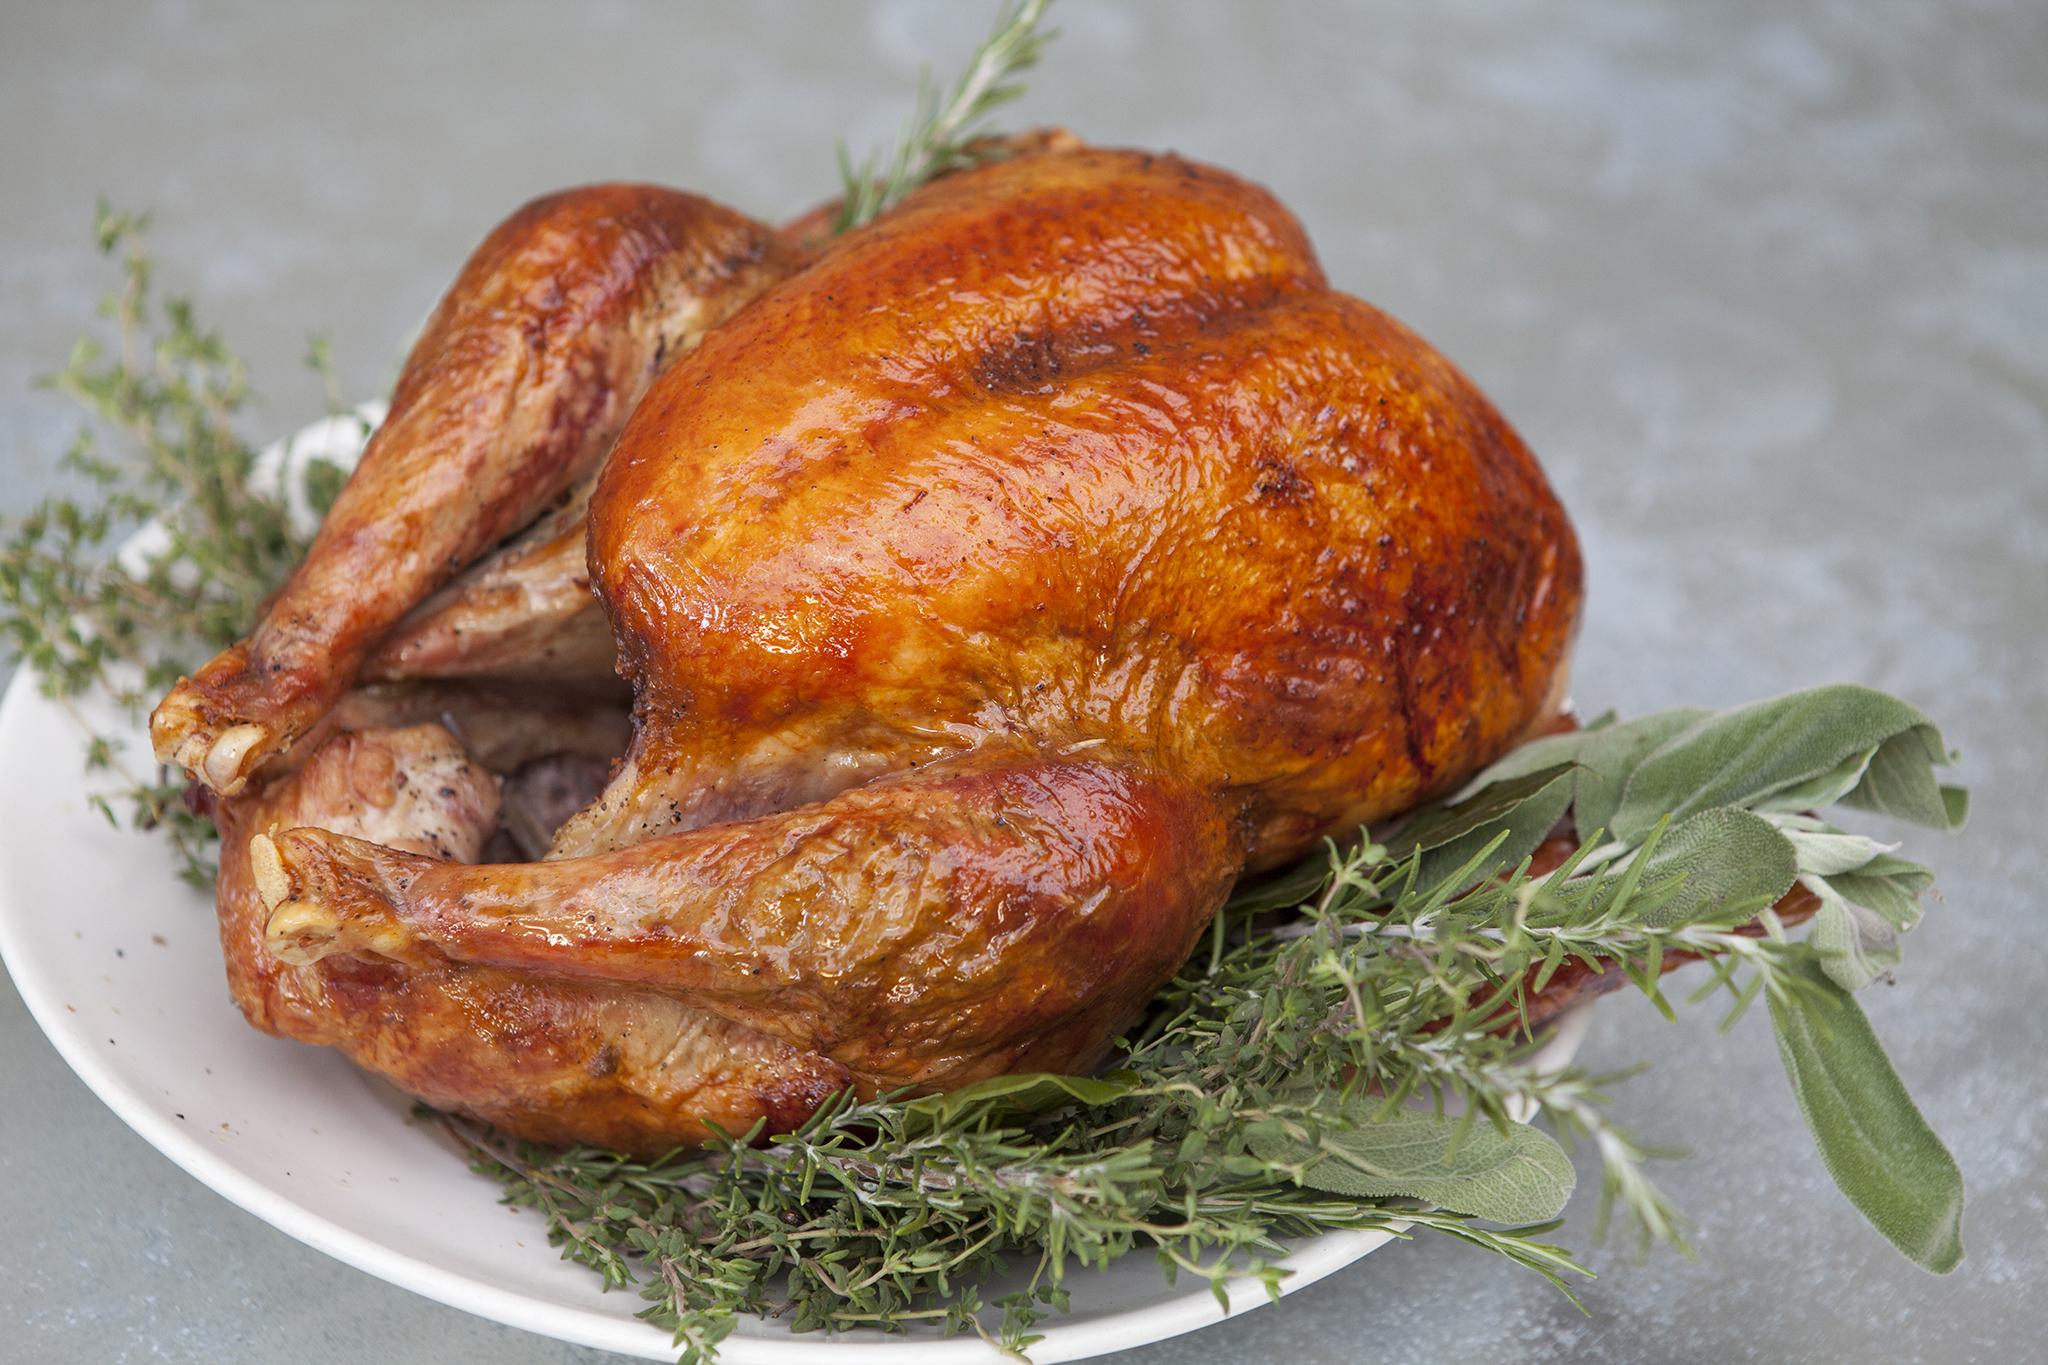 LA's best take-out turkeys